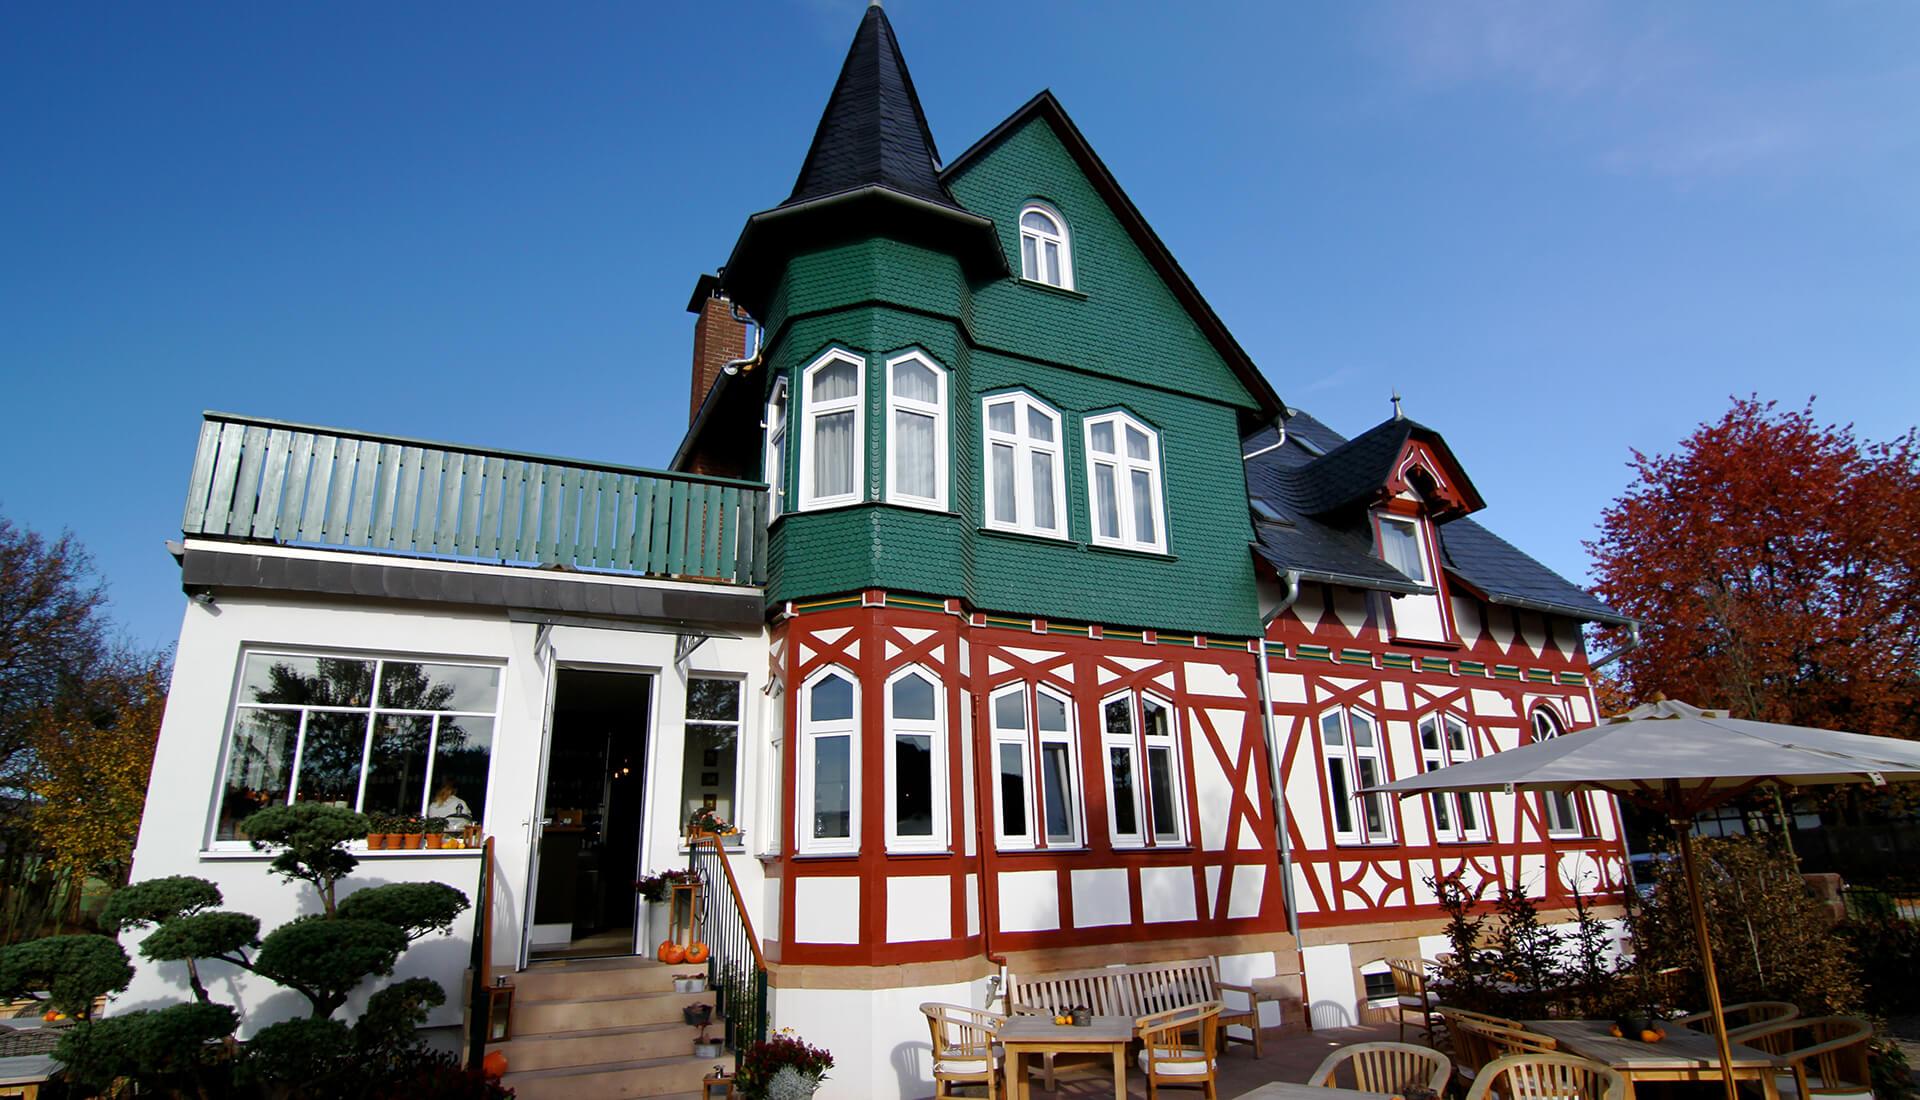 Außenaufnahme vom Restaurant Waldschlösschen in Dagobertshausen